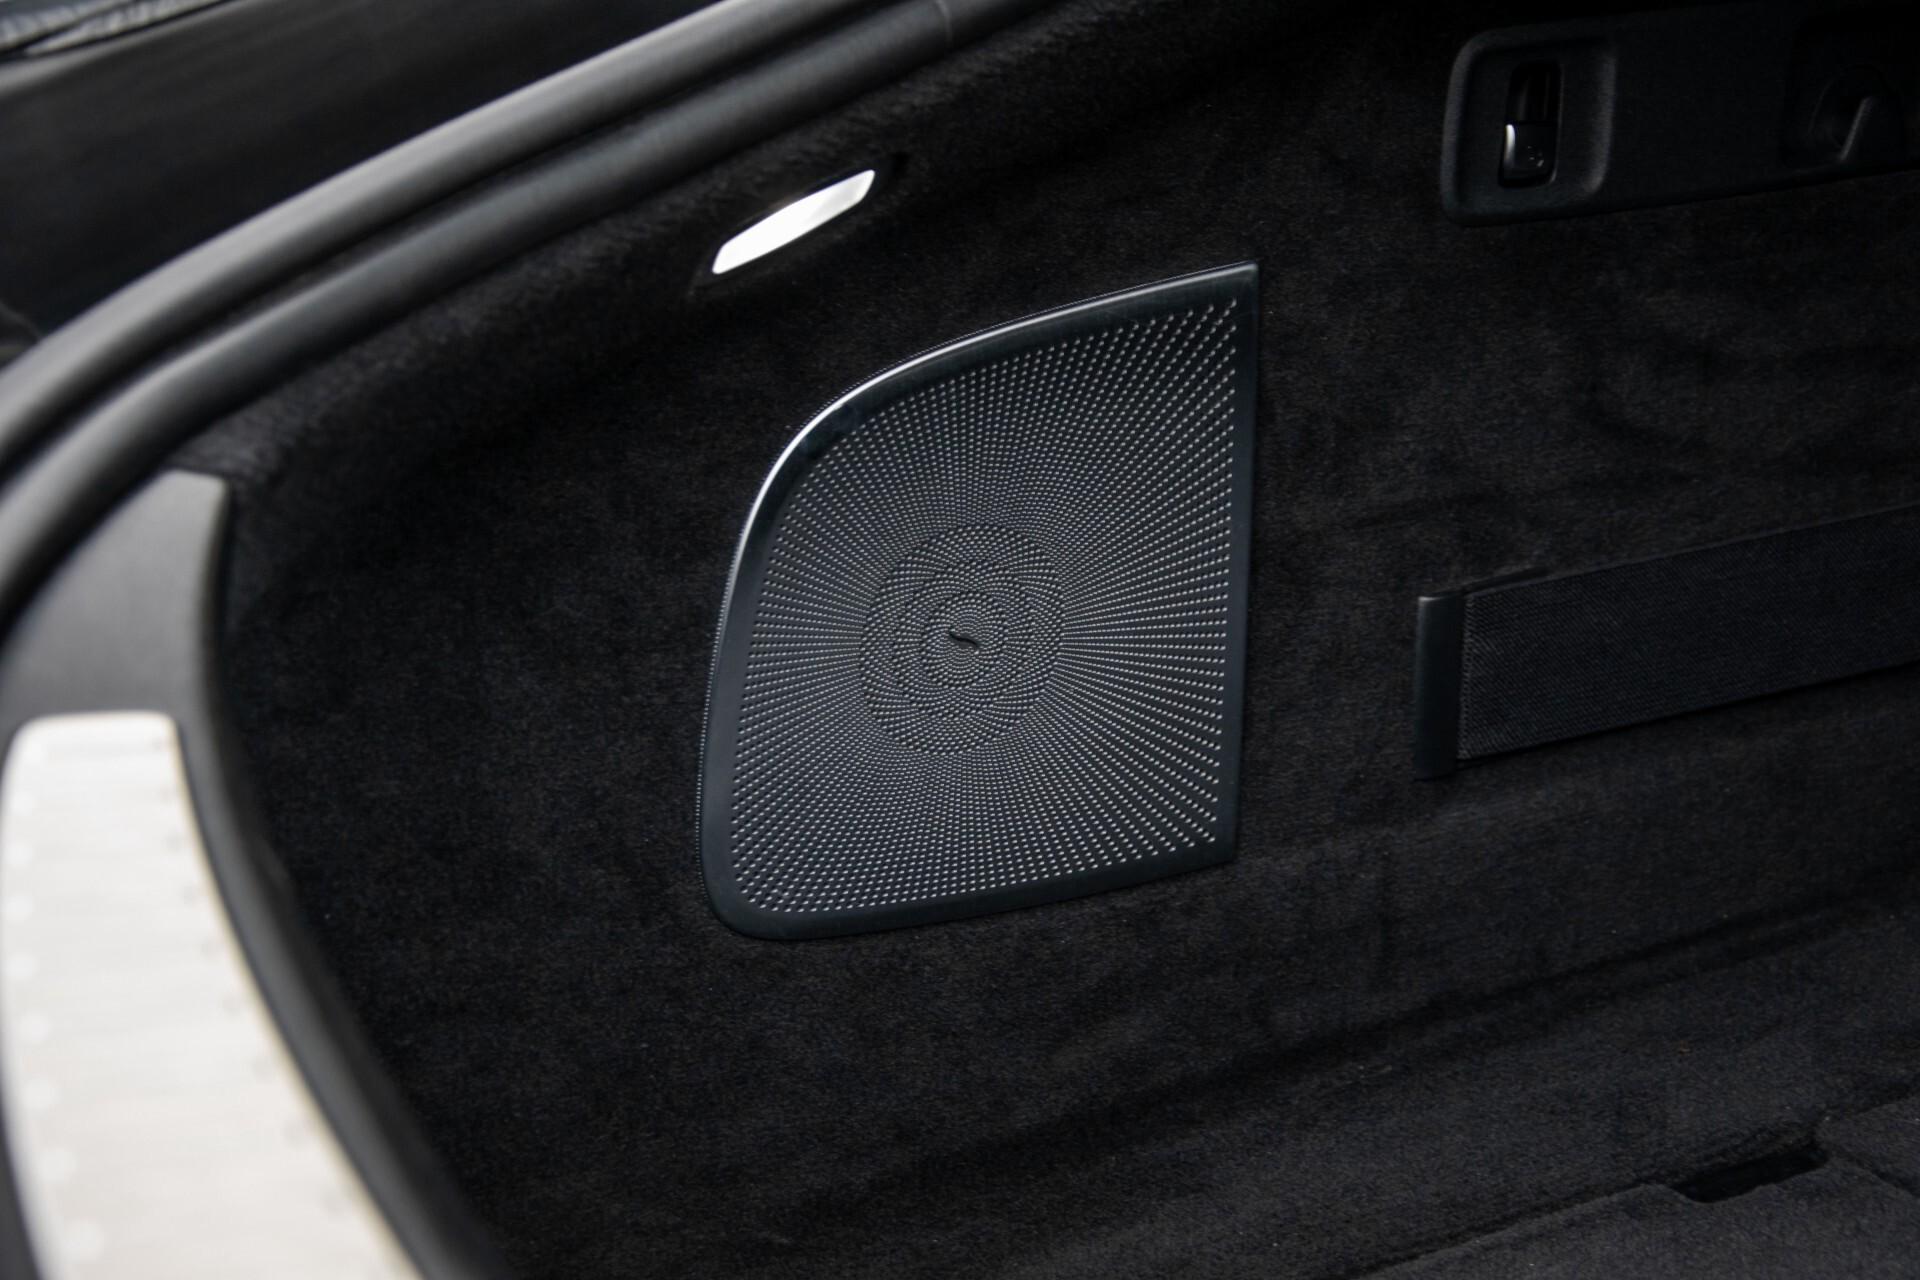 Mercedes-Benz AMG GT 4-Door Coupe 63 S 4M+ Keramisch/Full Carbon/Aerodynamica/Burmester 3D/TV/Performance stoelen/Standkachel Aut9 Foto 66